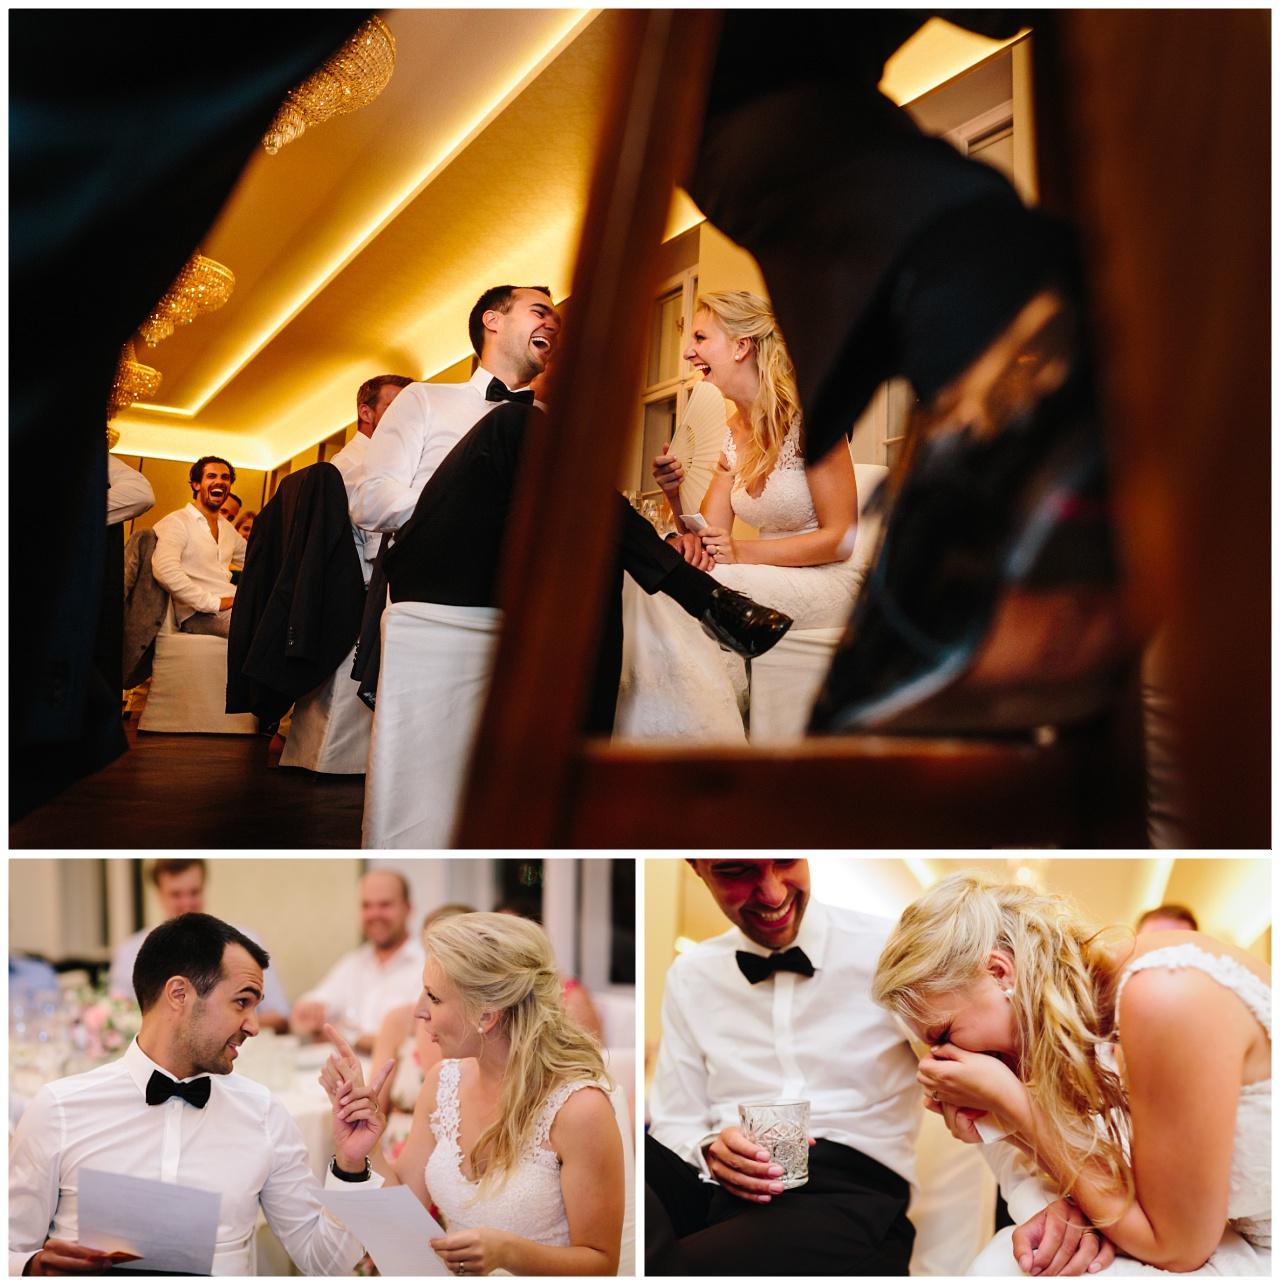 Hochzeitsfotograf Graz Aiola Birgit und Marco 31